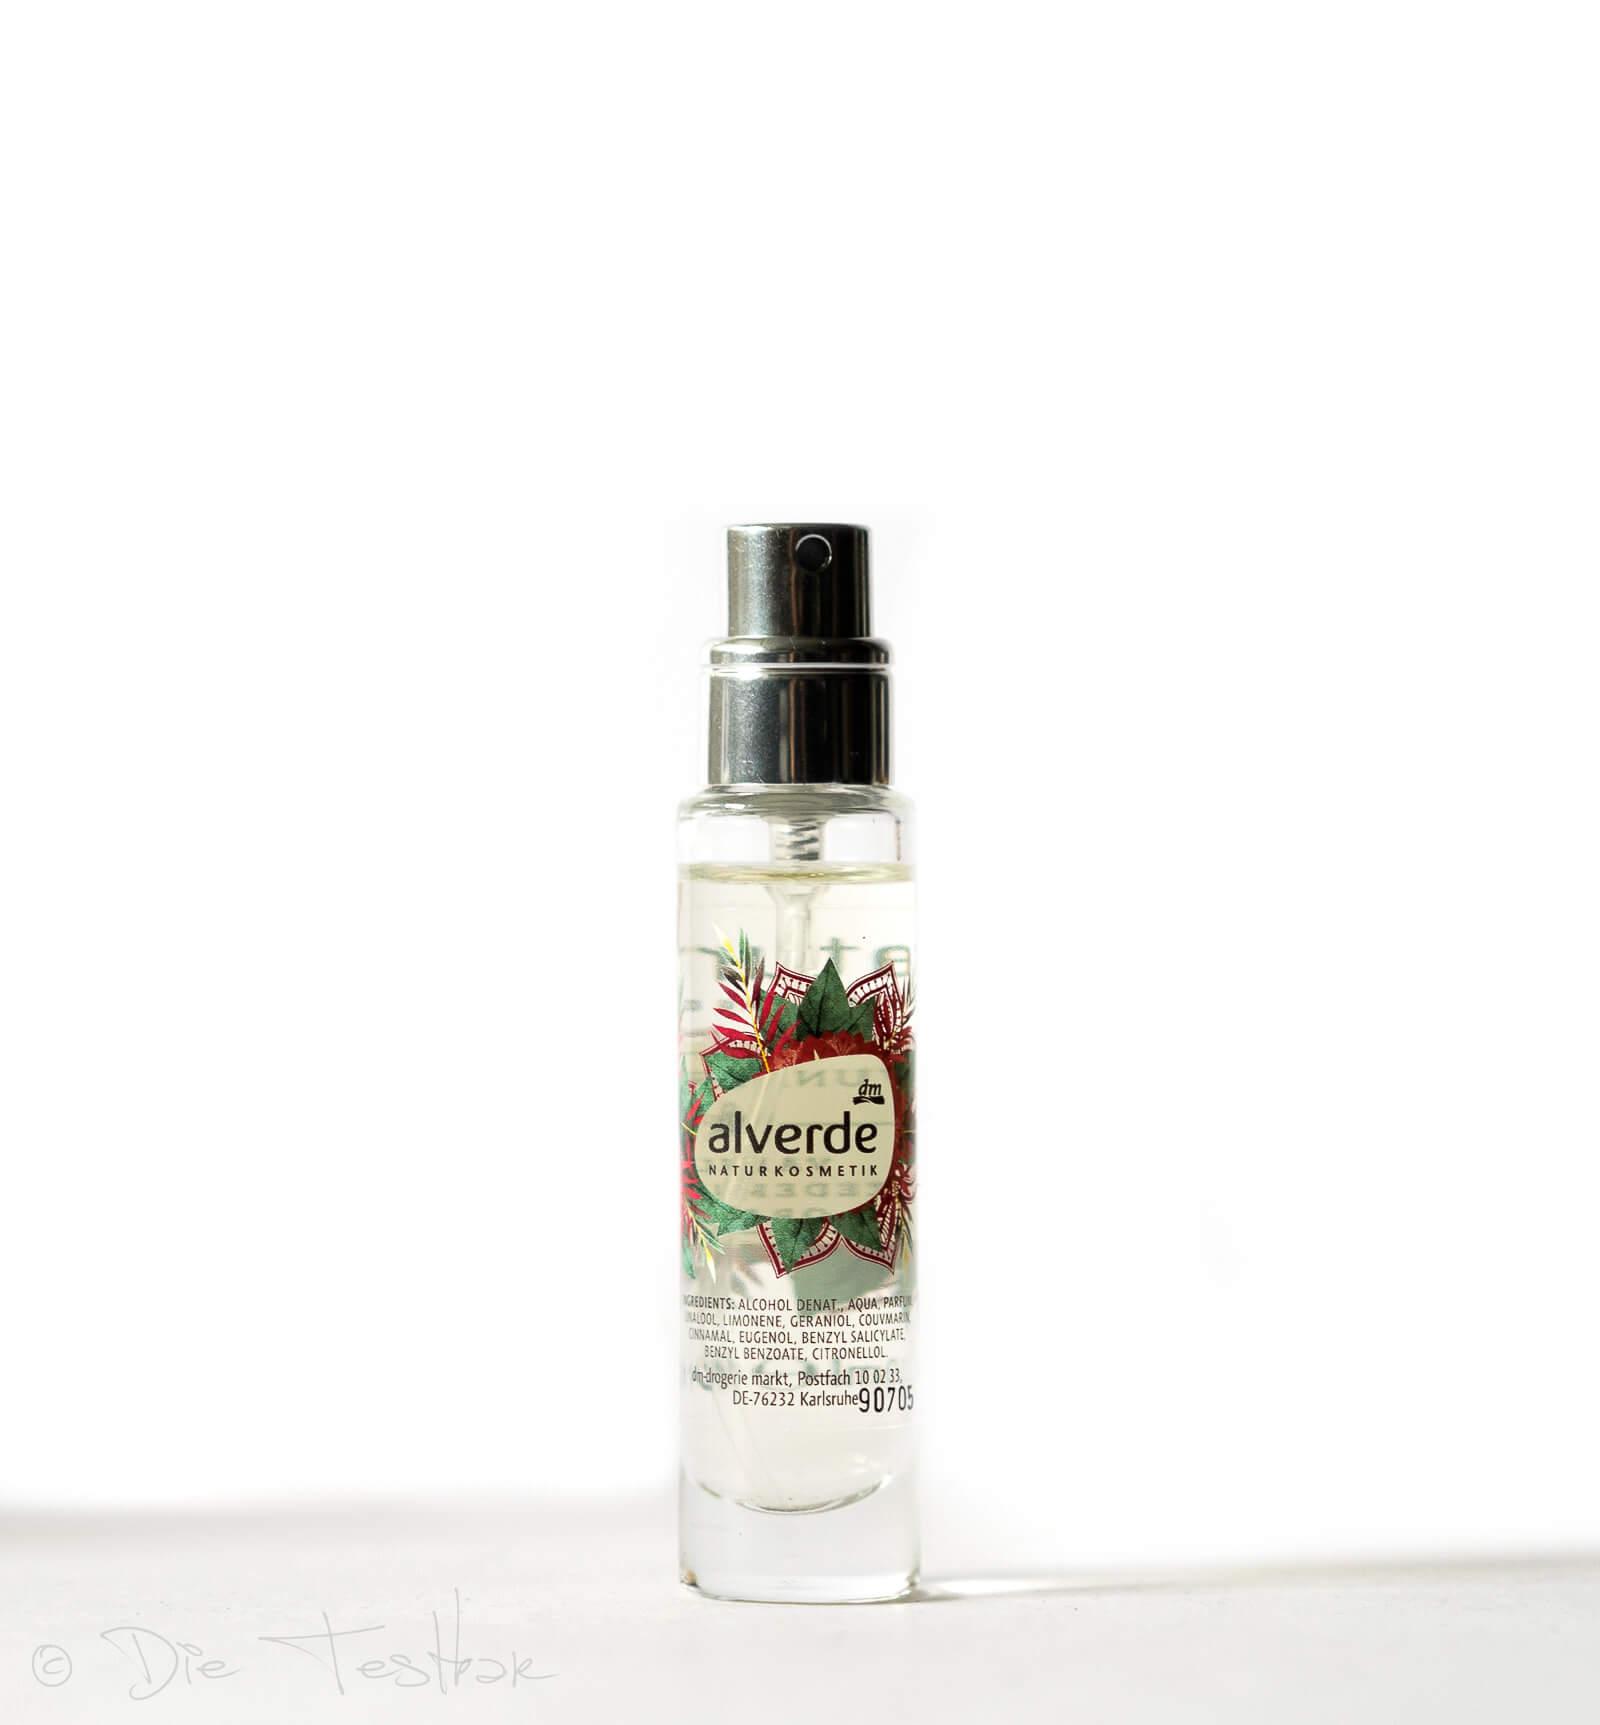 alverde NATURKOSMETIK -Eau de Parfum Wunderwelt